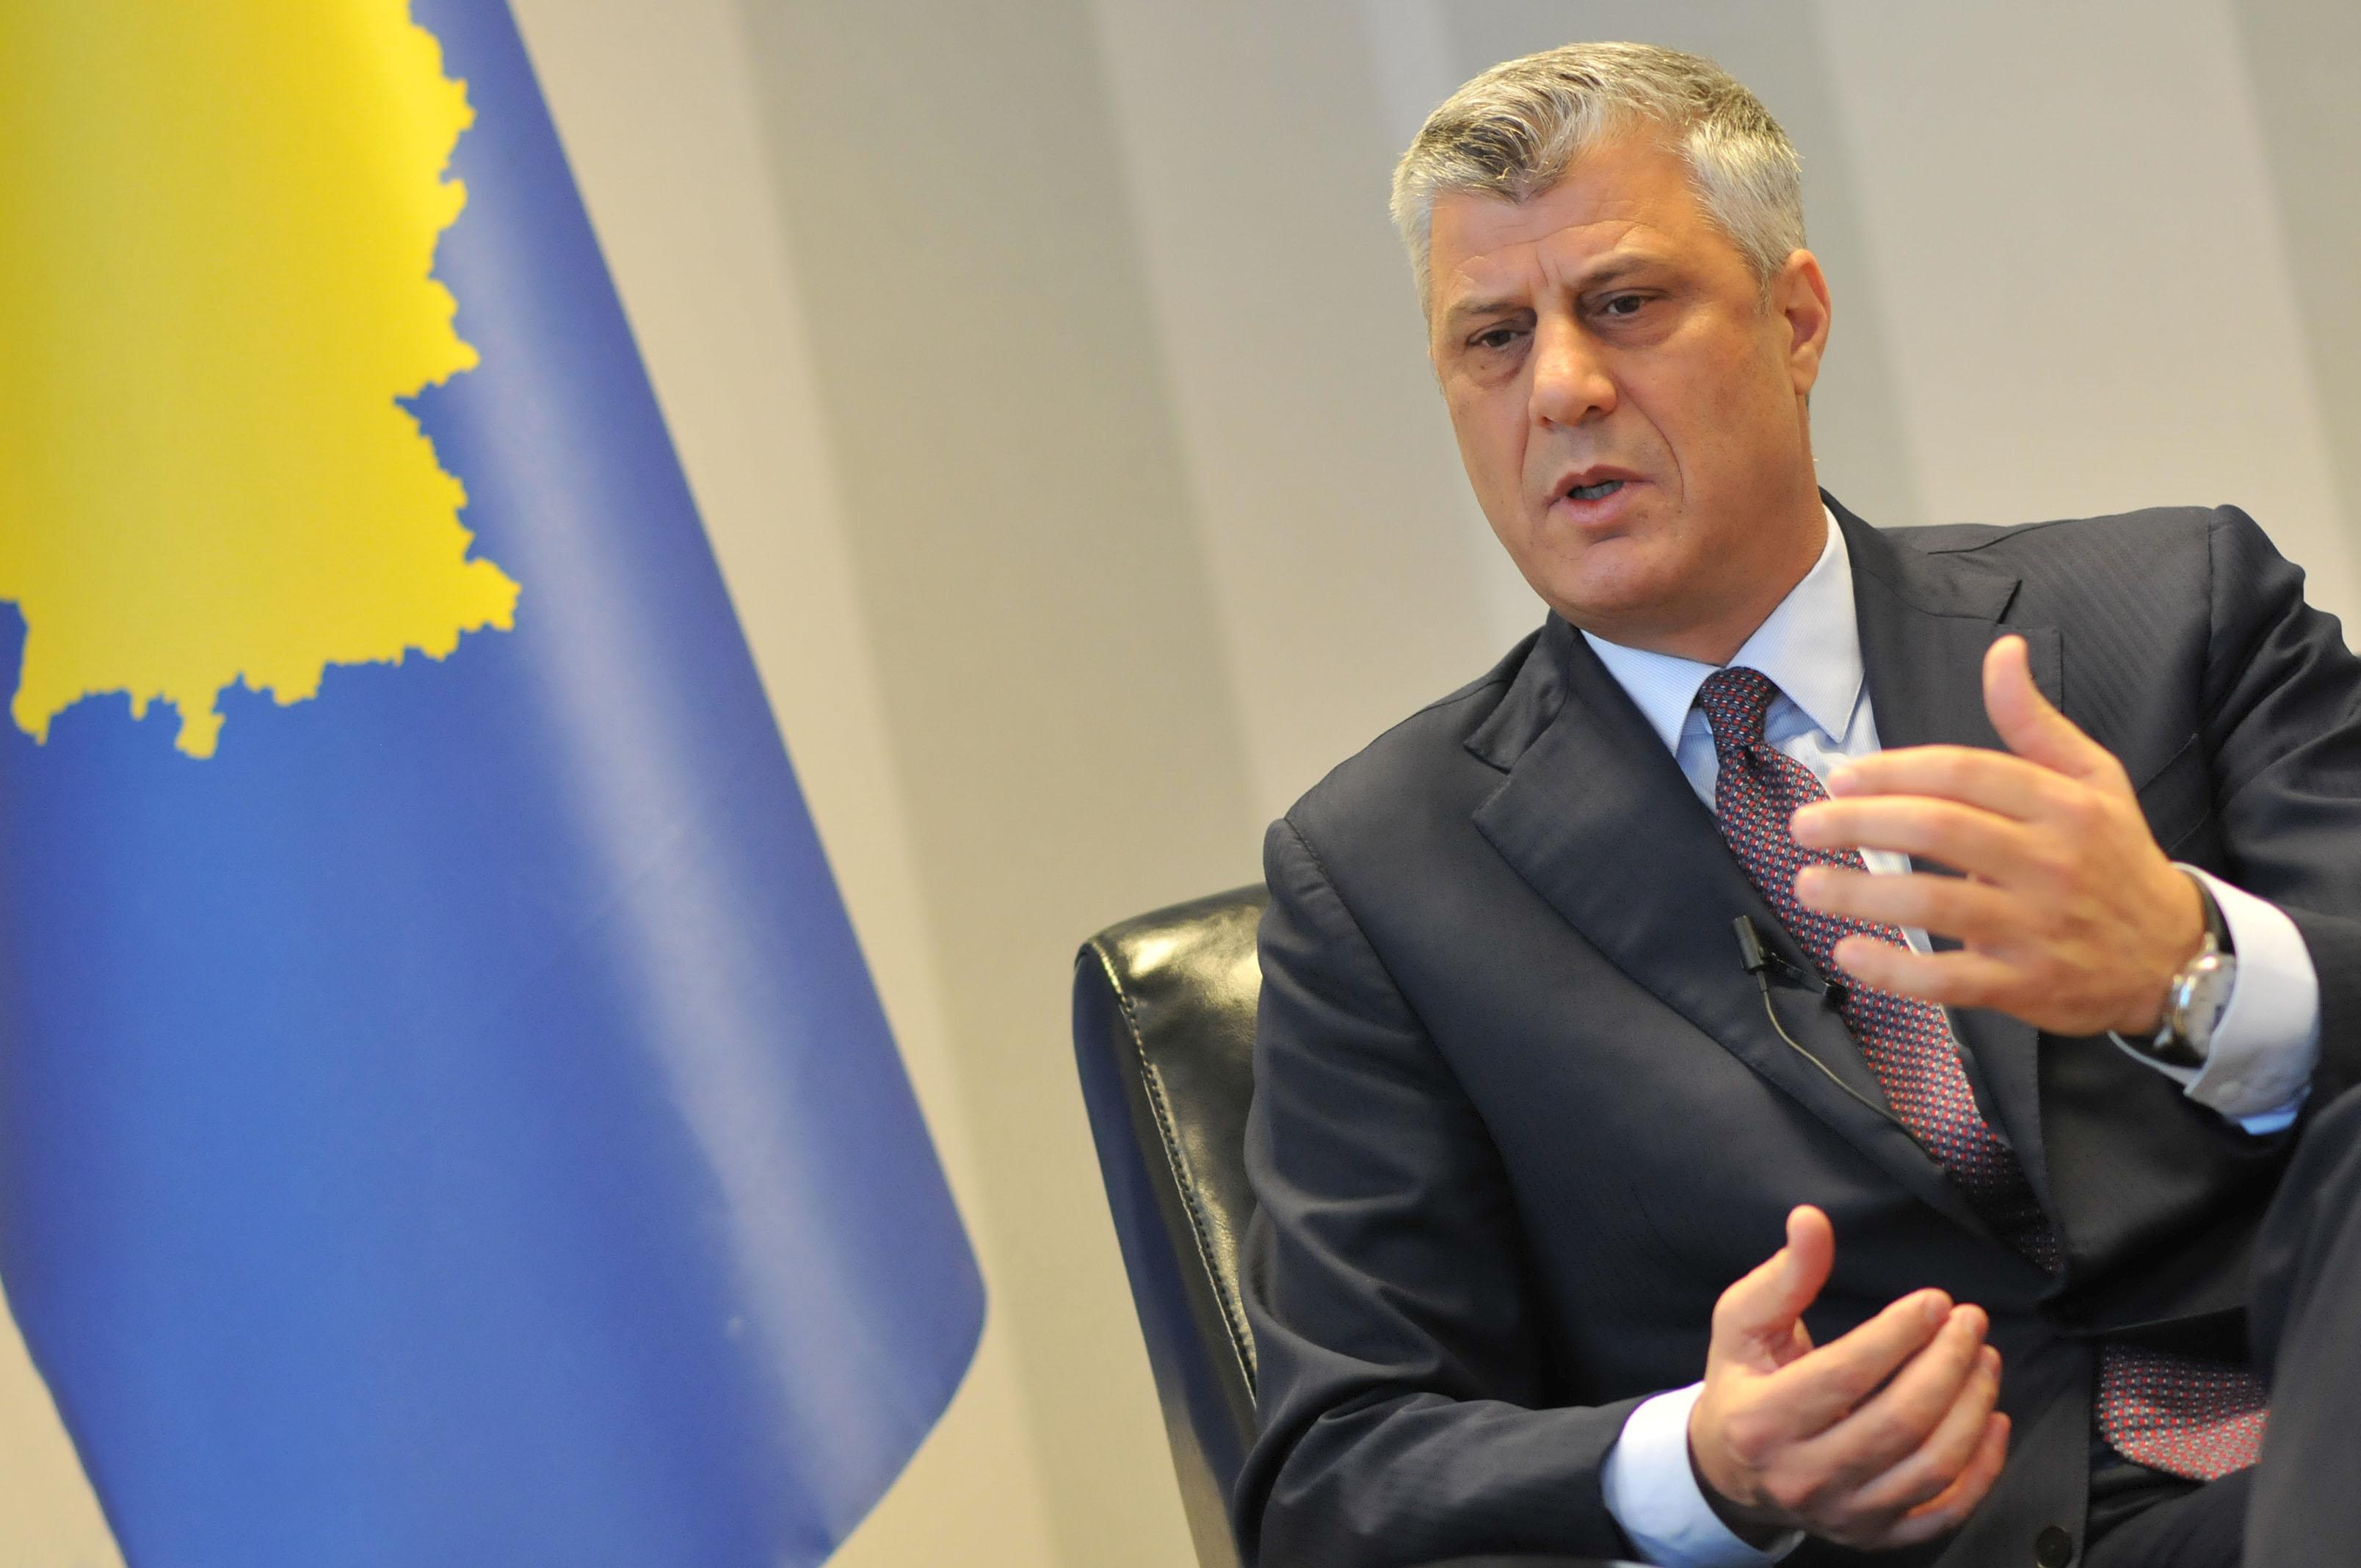 Presidenti Thaçi do të takohet me ambasadorin Grenell, i angazhuar për ndërmjetësim të dialogut Kosovë – Serbi